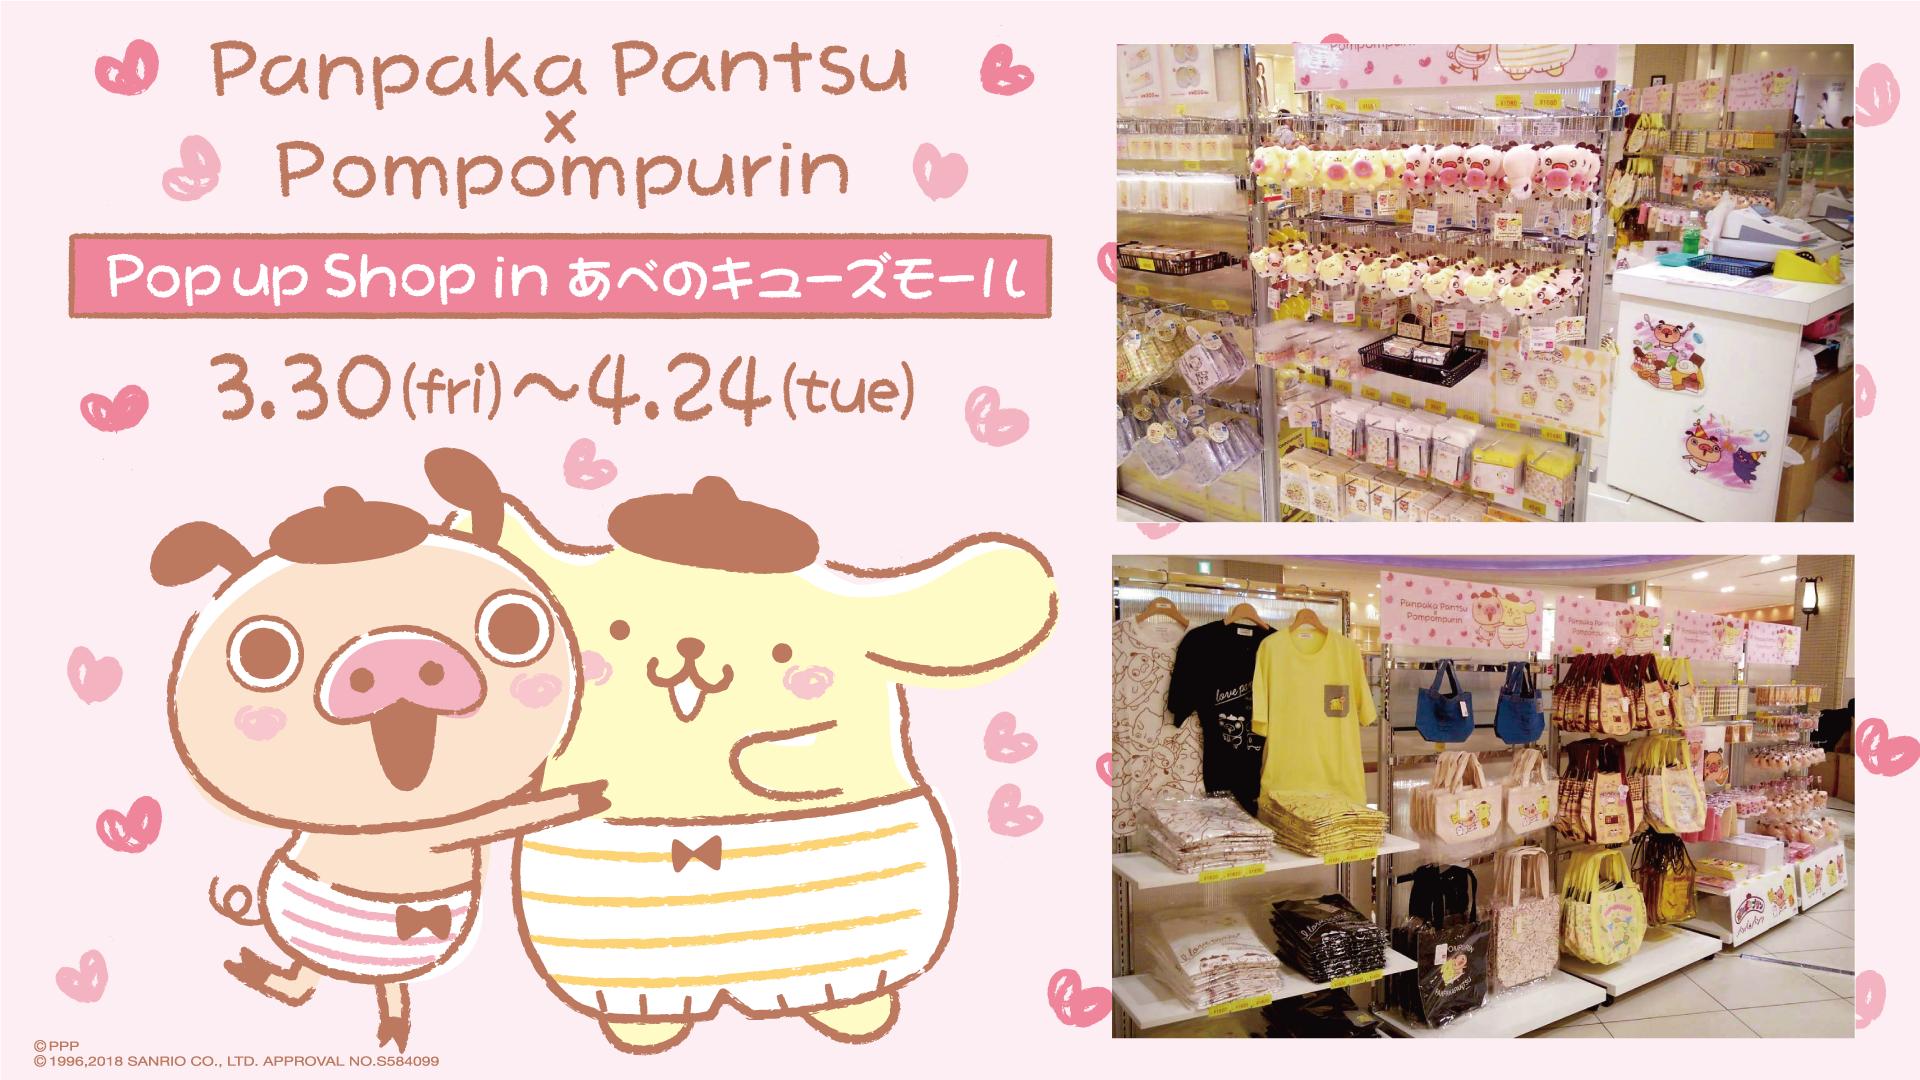 関西初上陸!「パンパカパンツ×ポムポムプリン」期間限定ショップオープン!